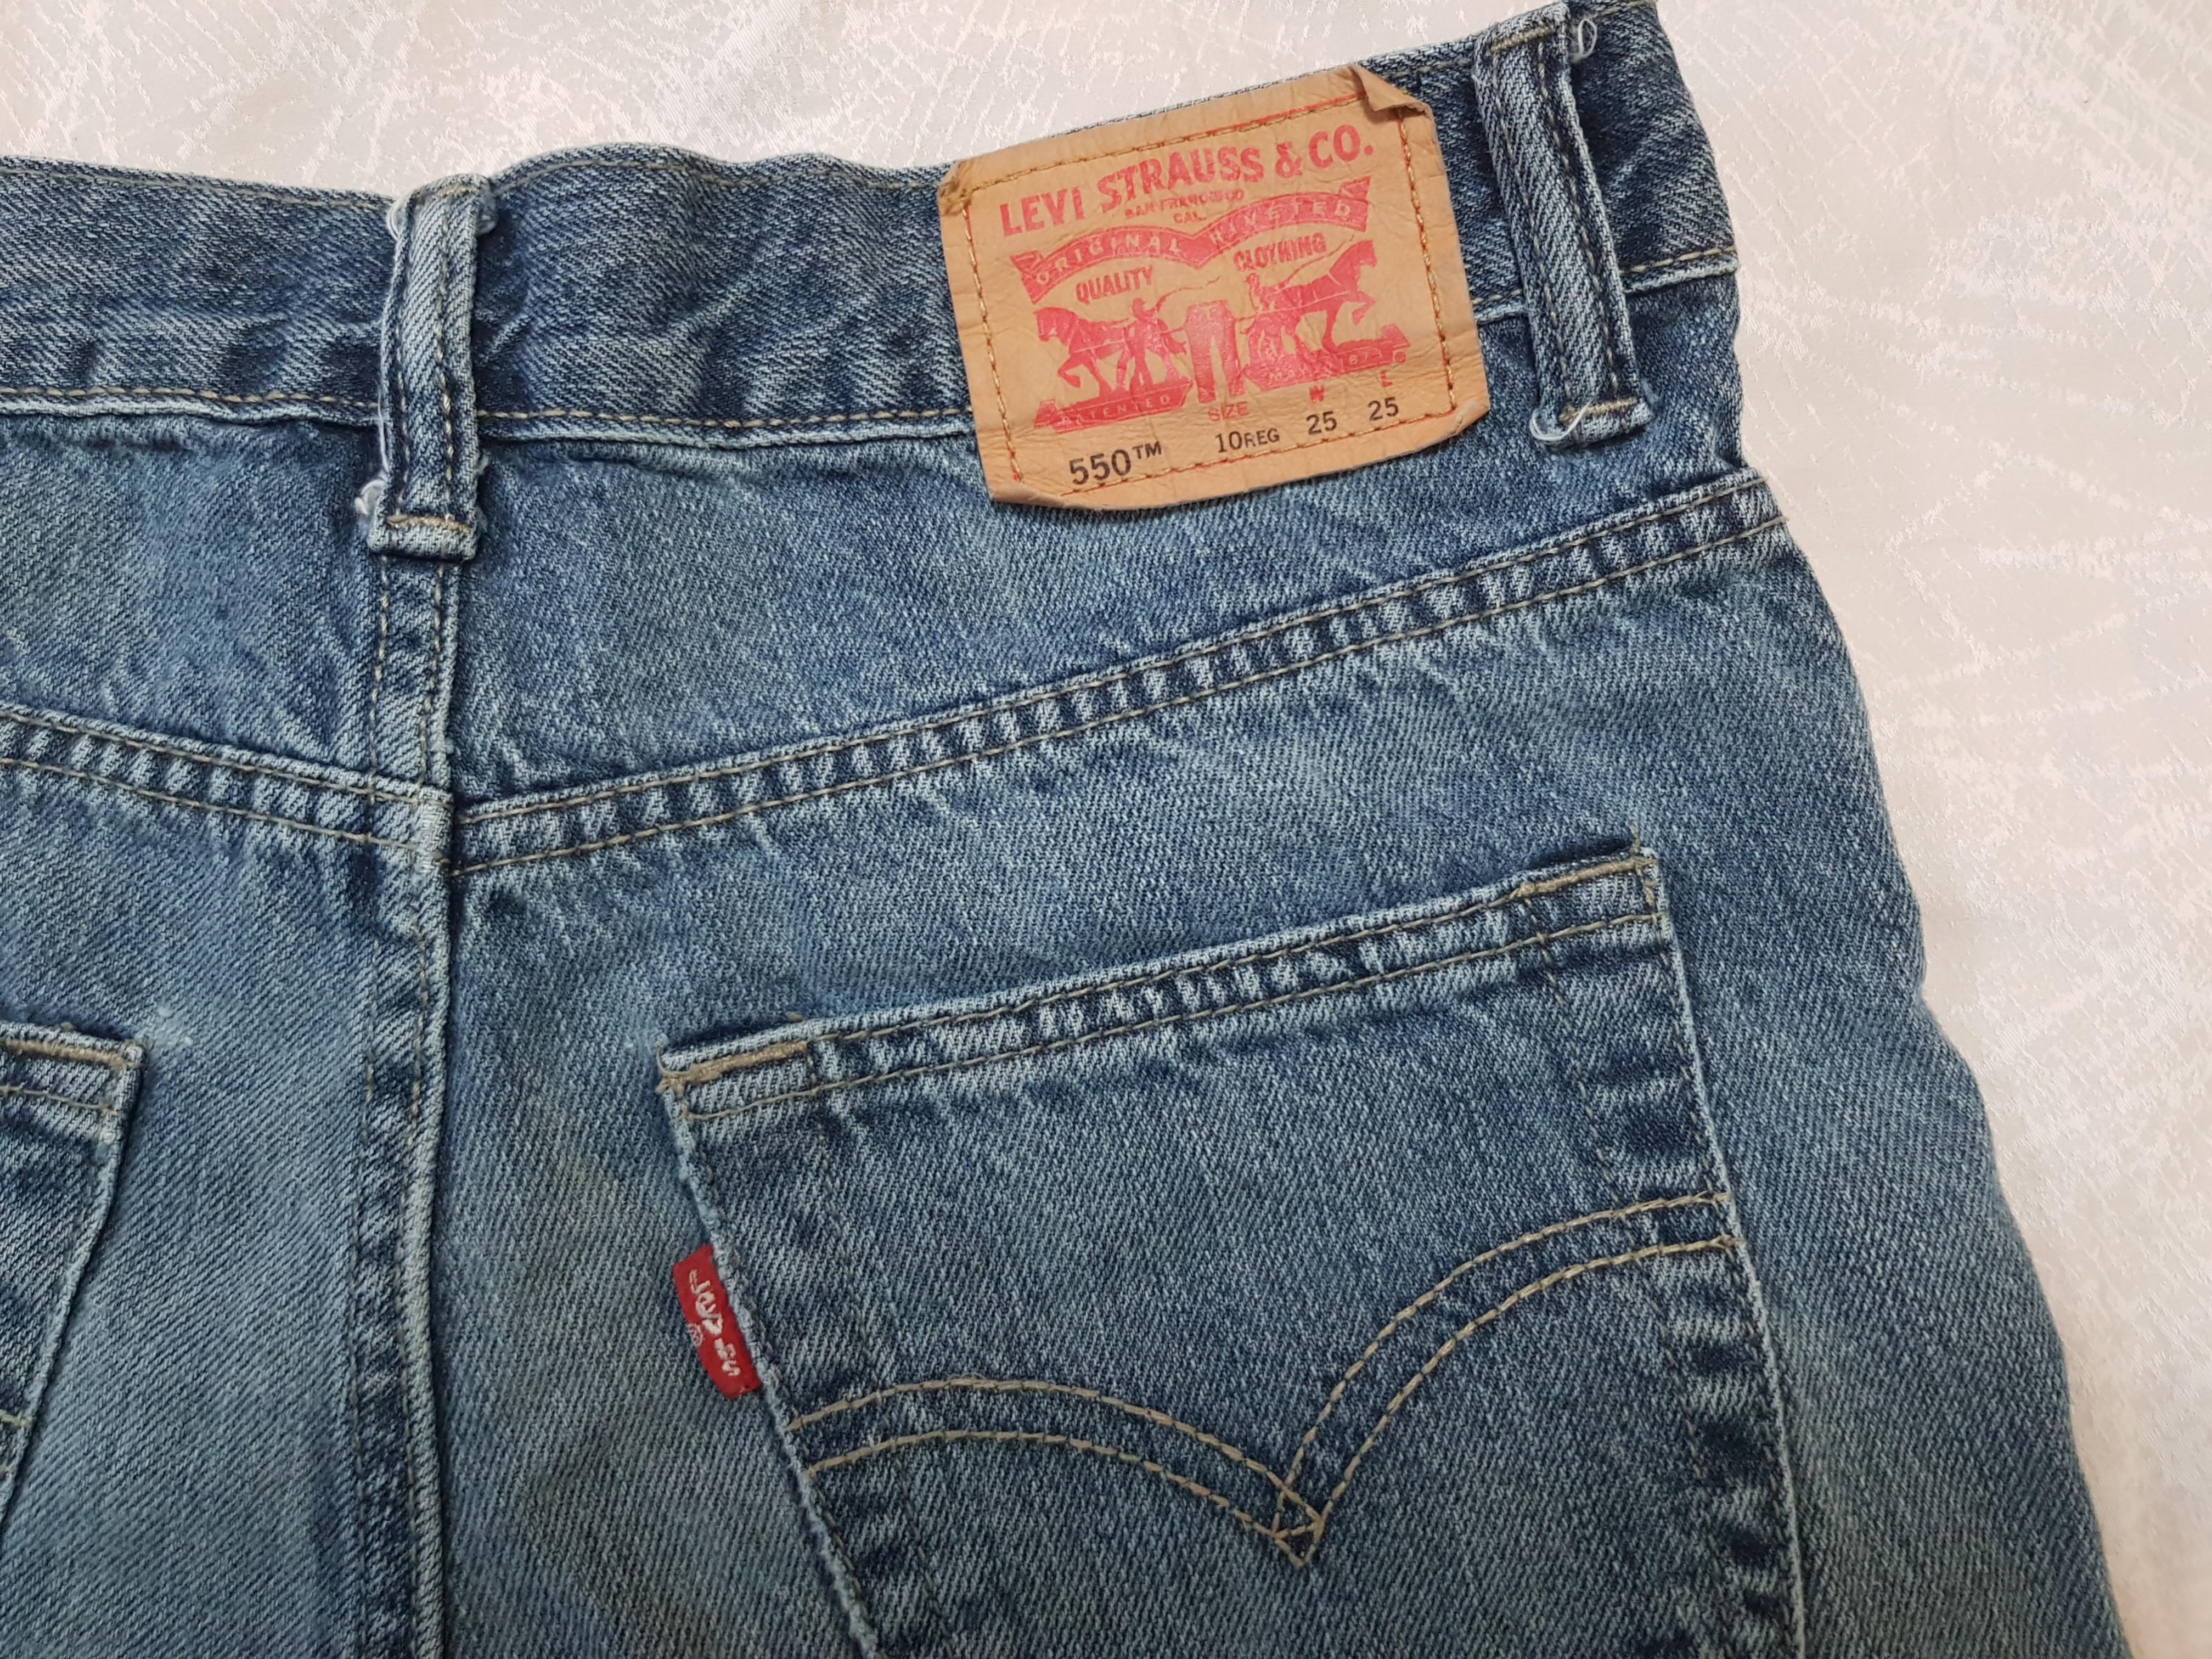 930abd5ea5 Authentic Levi's 550 Vintage High Waisted Denim Shorts, Women's ...